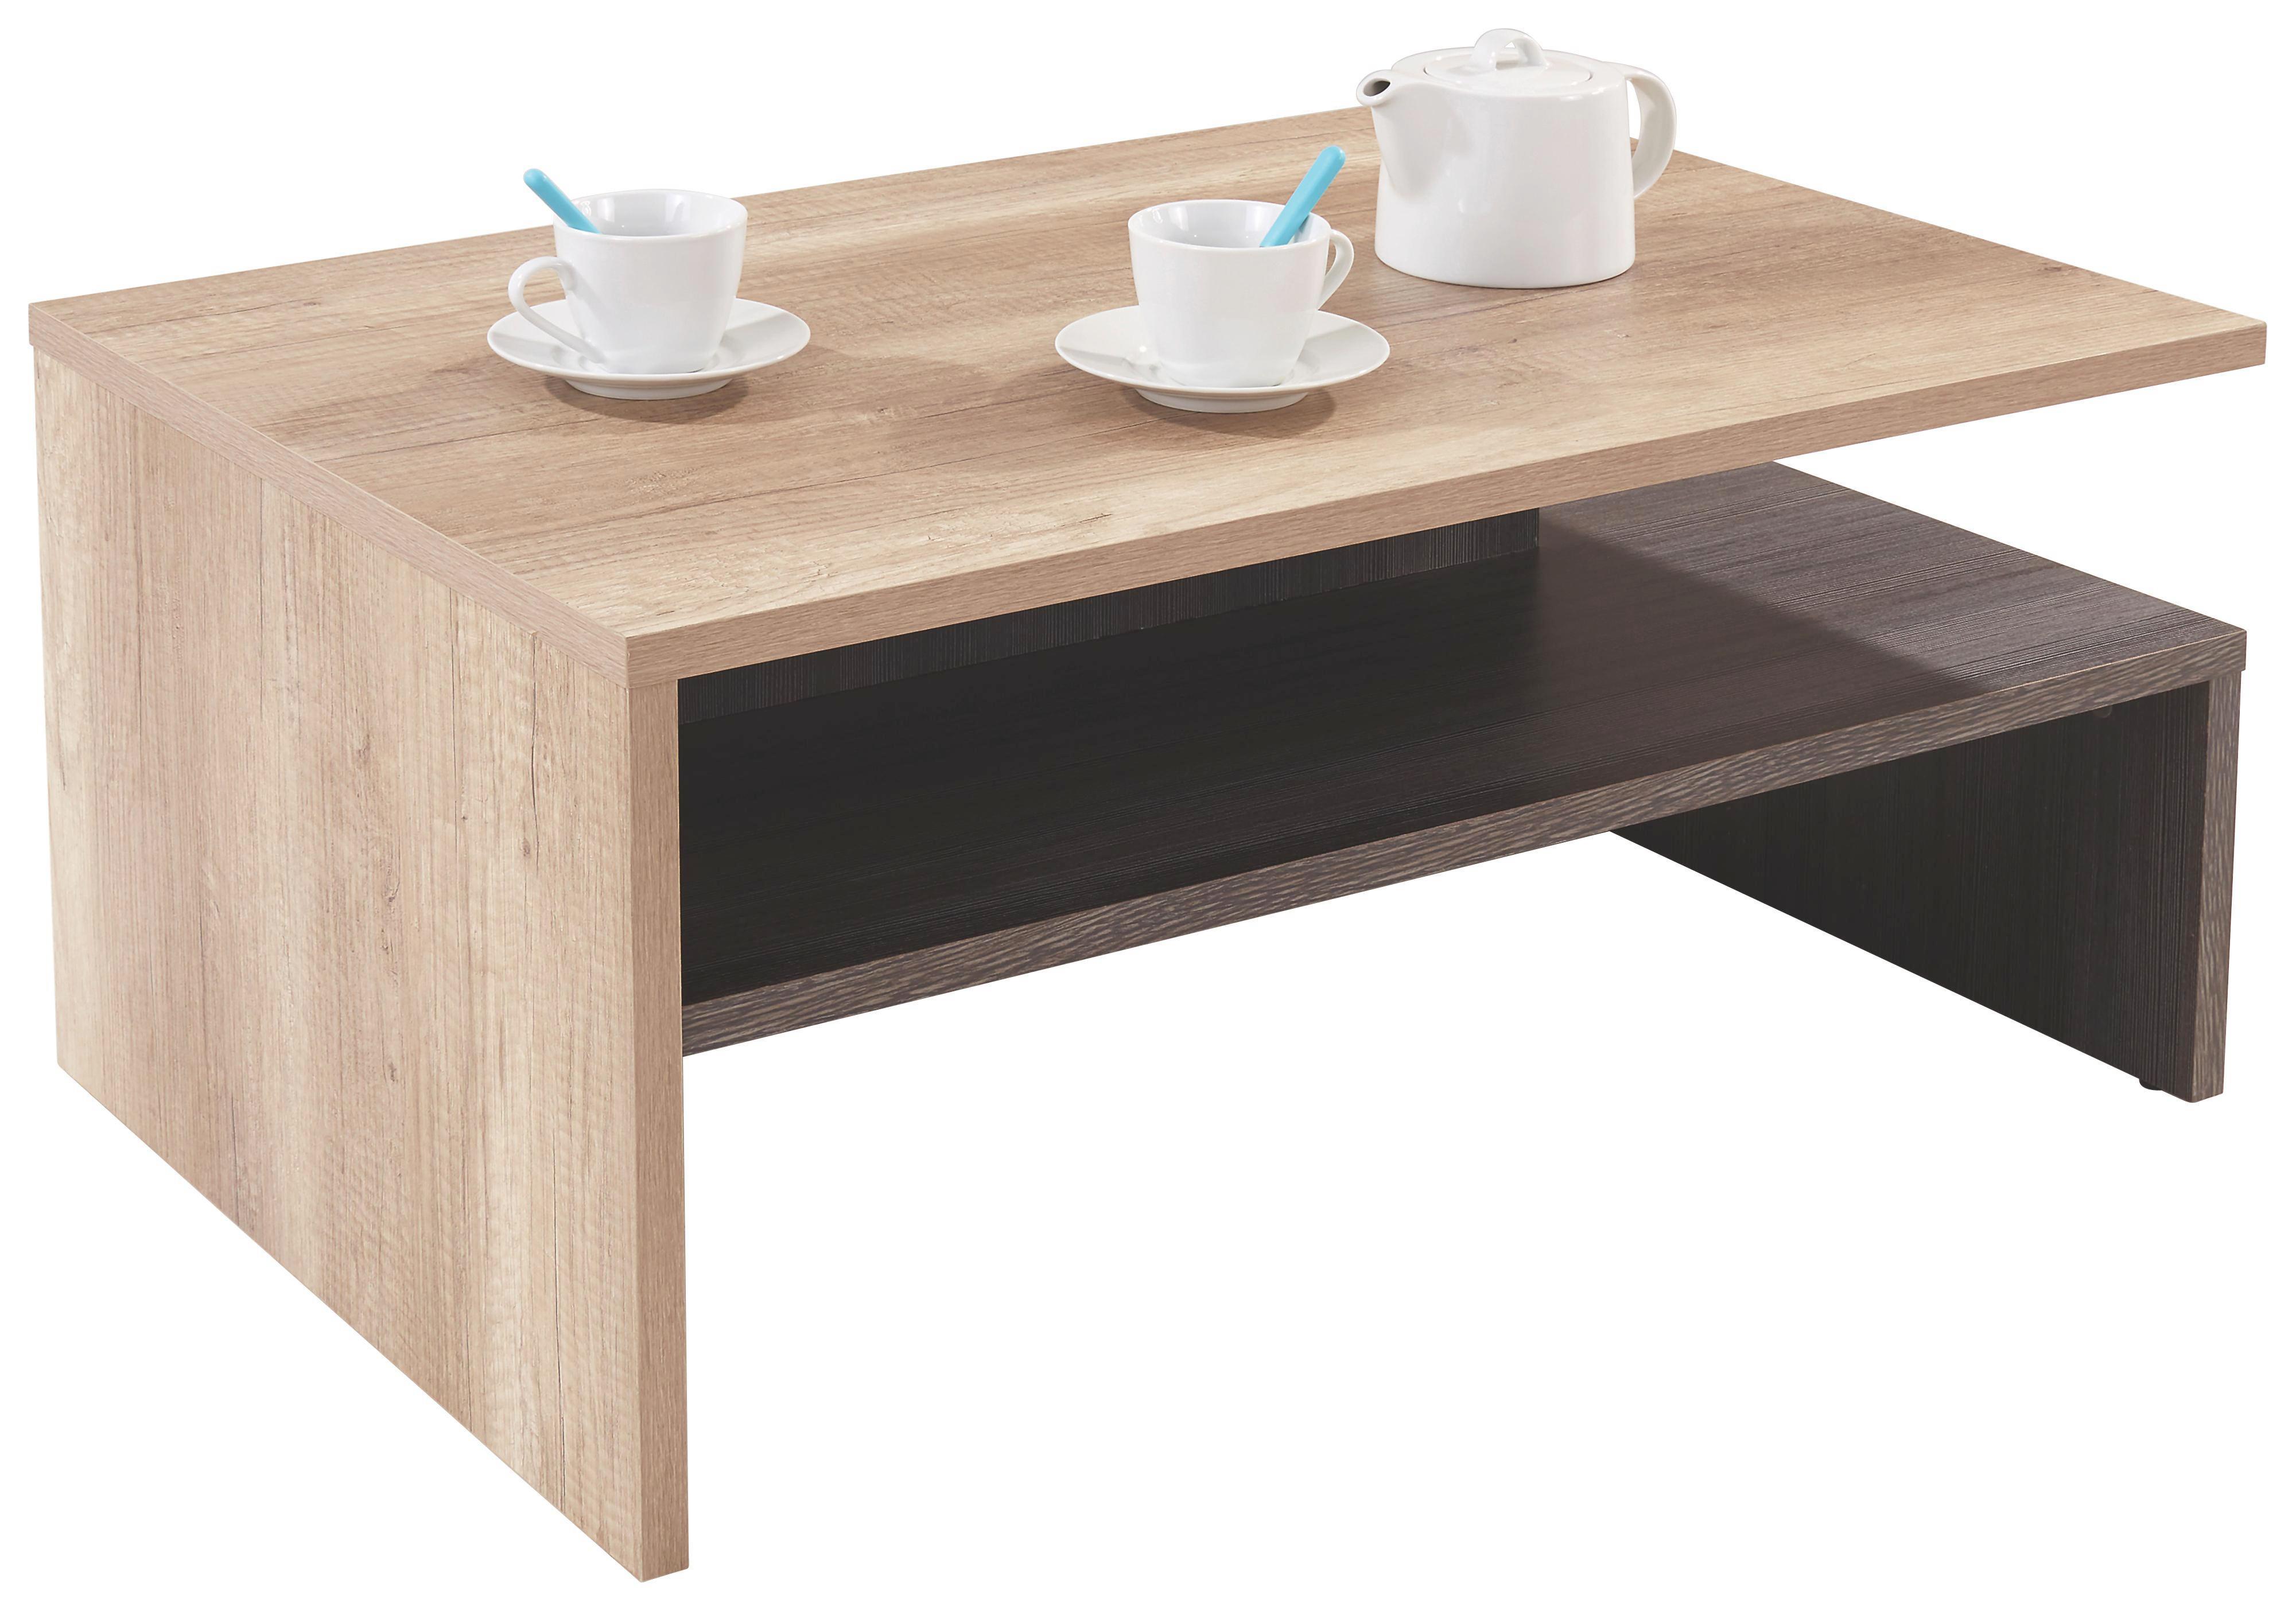 Konferenční Stolek Laura - barvy dubu, Moderní, dřevěný materiál (90/42/60cm)